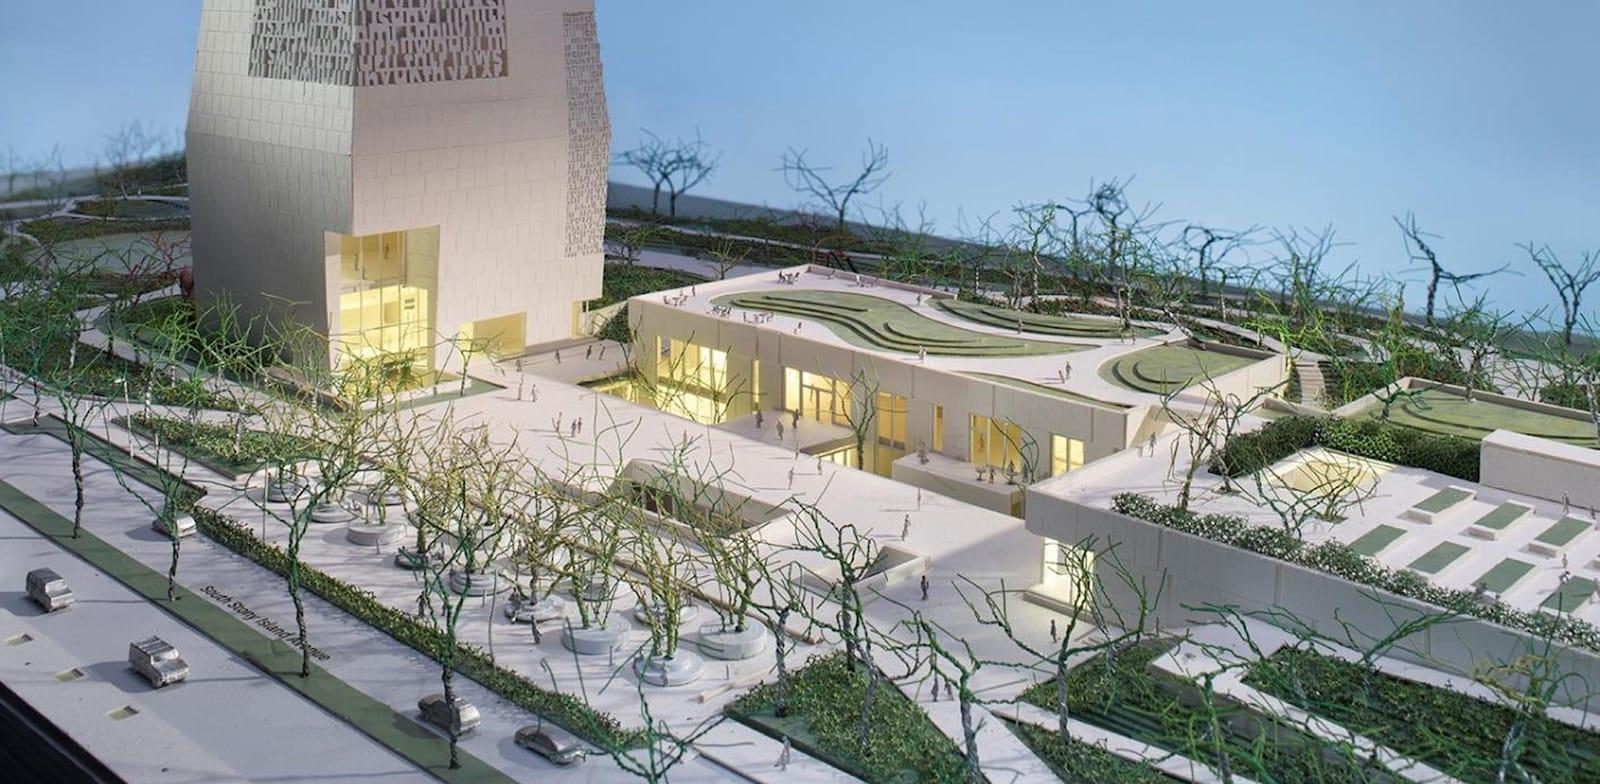 המרכז הנשיאותי על שם ברק אובמה, שיקגו / הדמיה: Obama Foundation